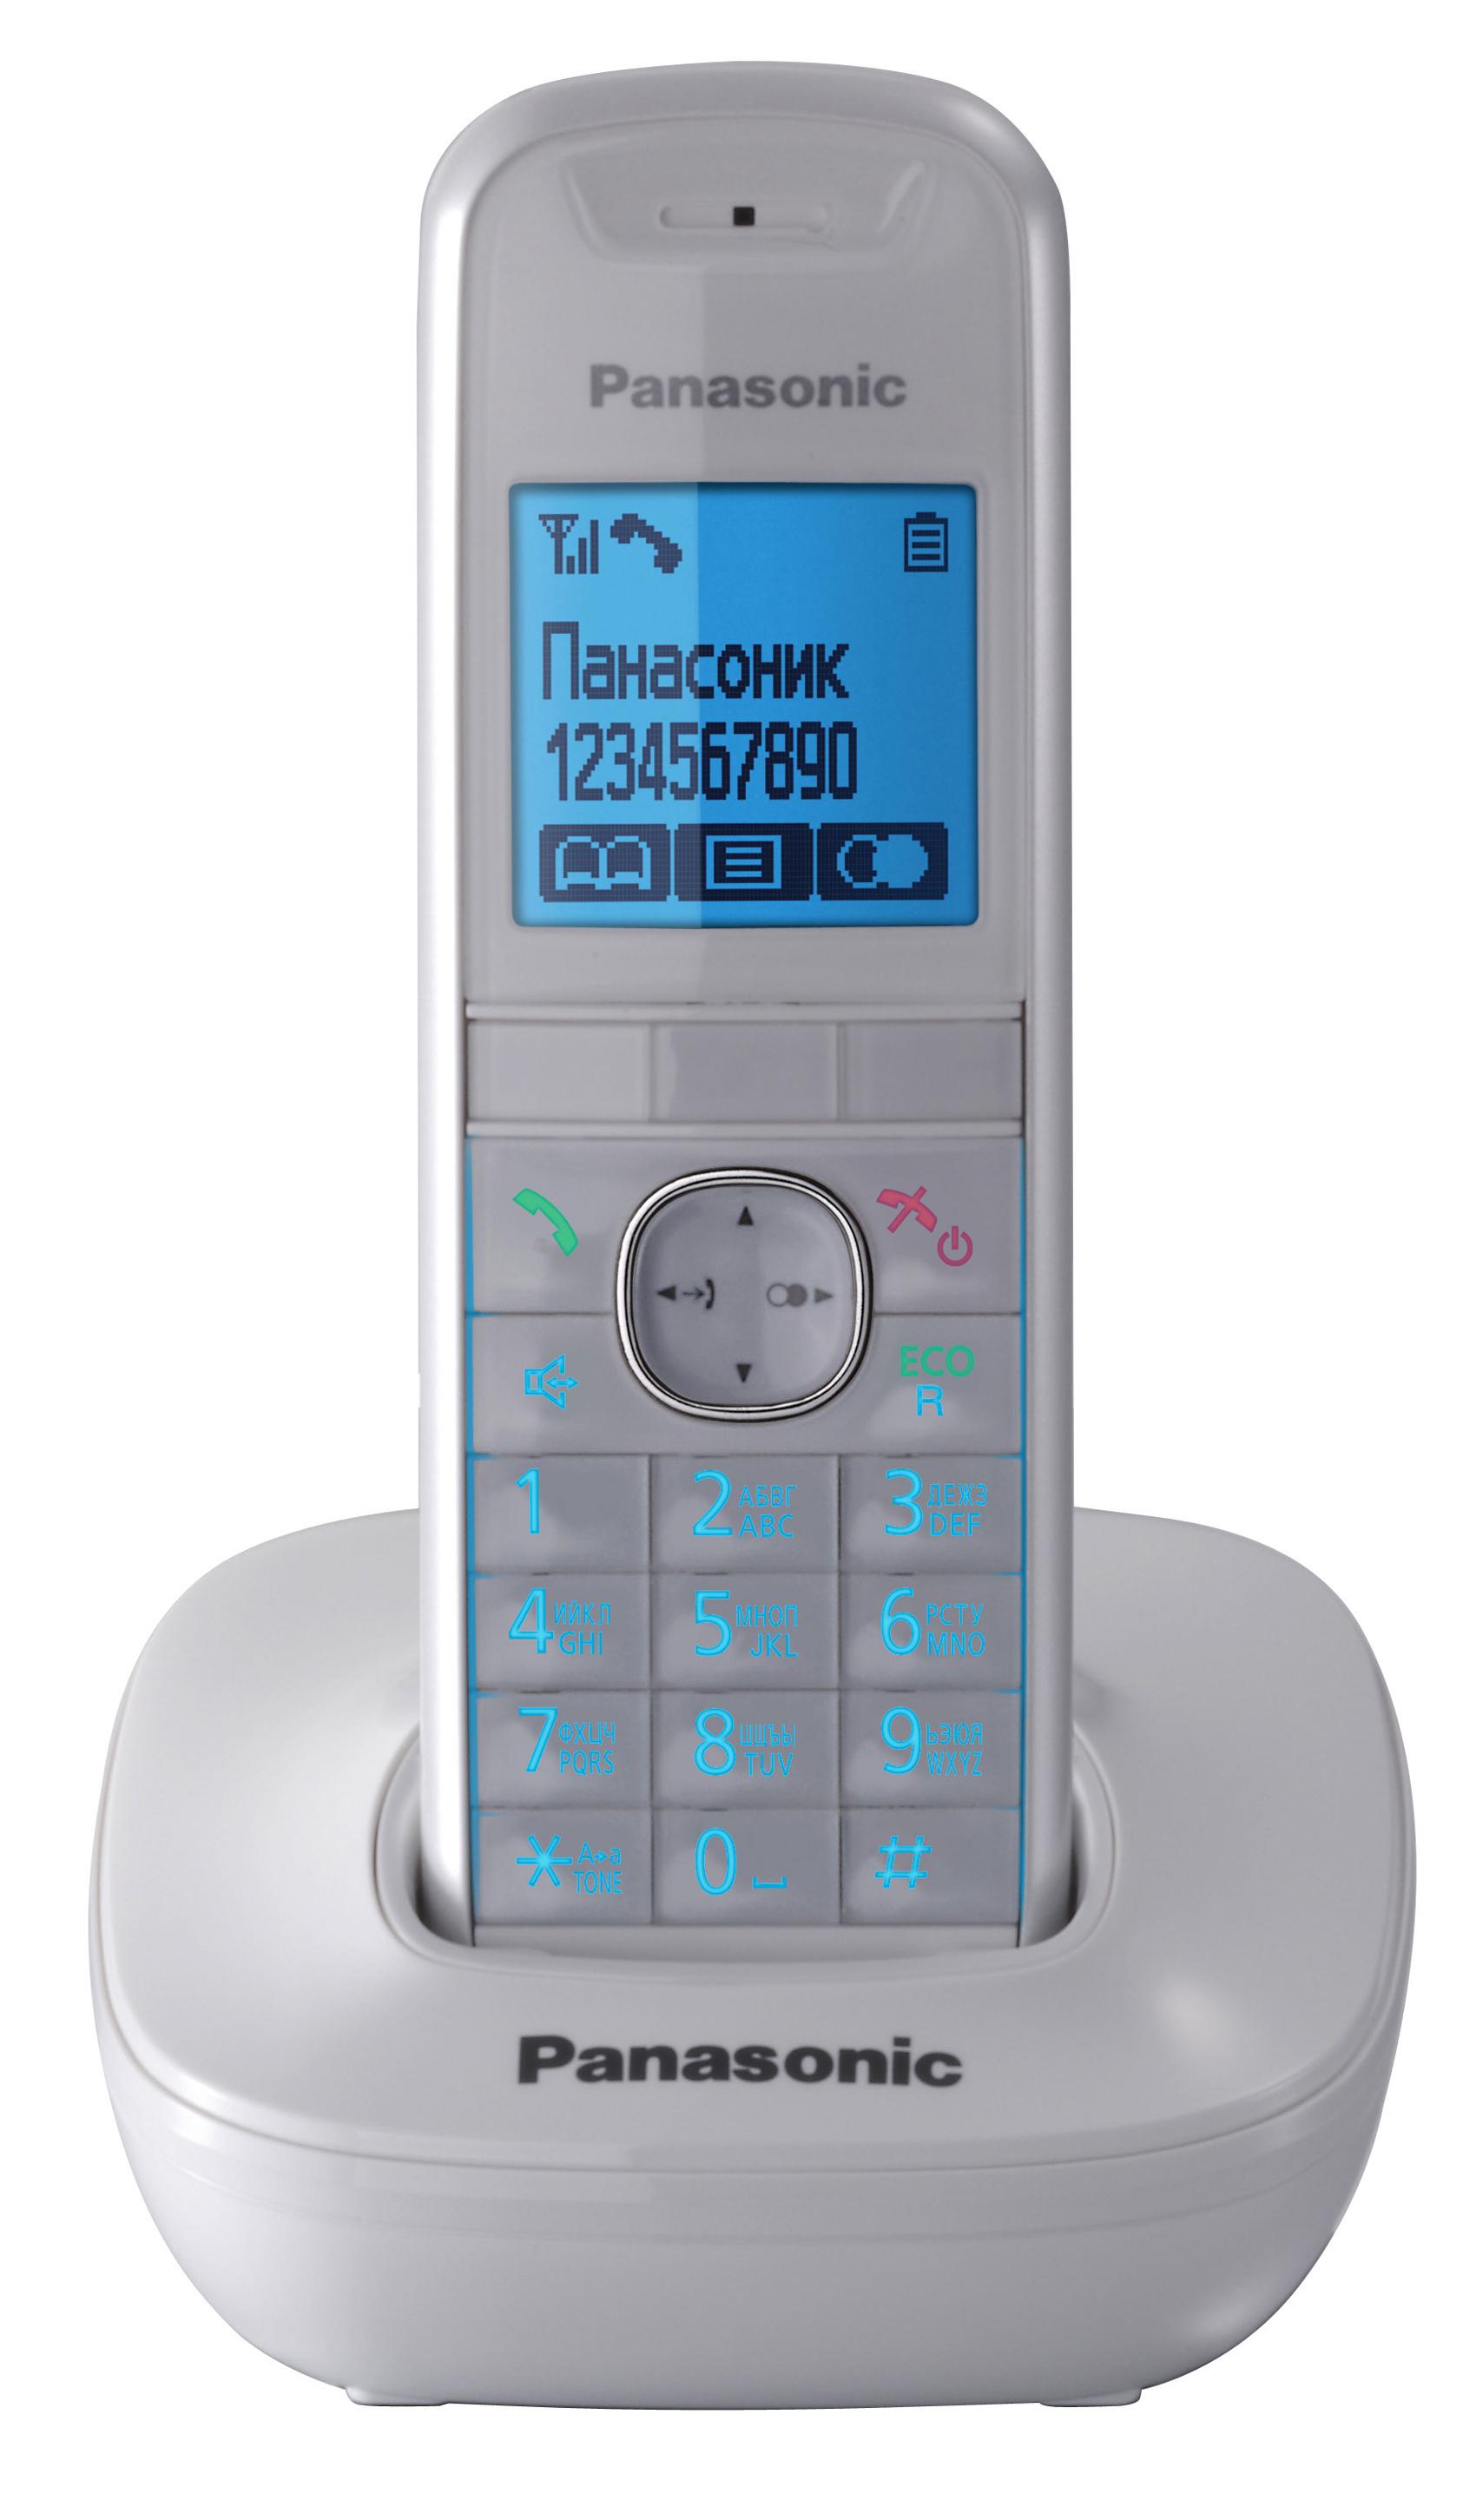 Инструкция к телефону panasonic kx tca154 скачать